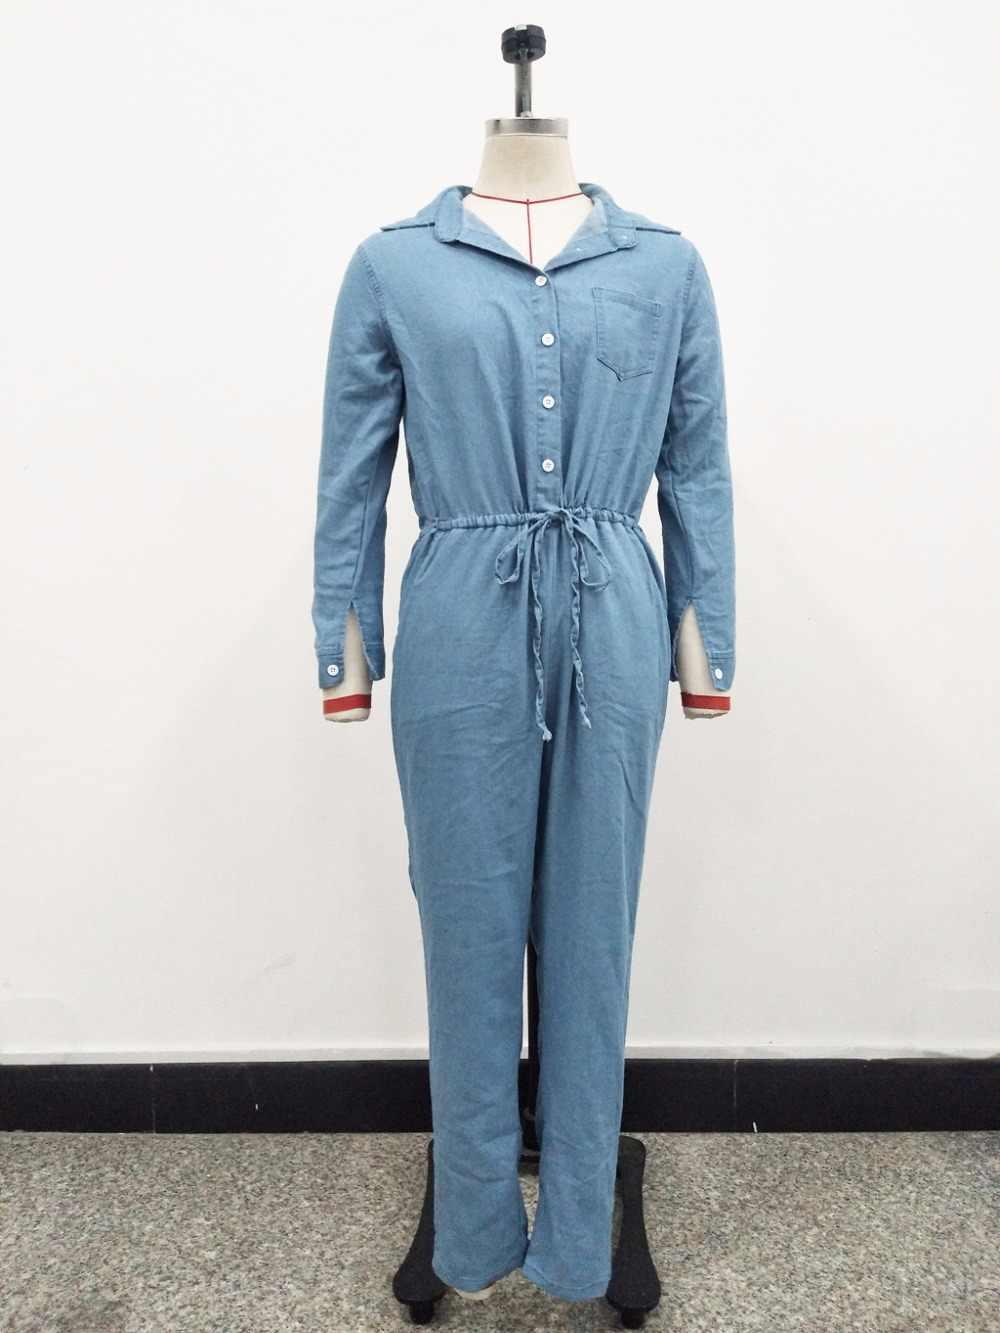 Модная обувь на шнуровке джинсы комбинезоны с пуговицами отложным воротником с длинным рукавом Для женщин Повседневное винтажные комбинезоны джинсовый комбинезон плюс Размеры 3XL